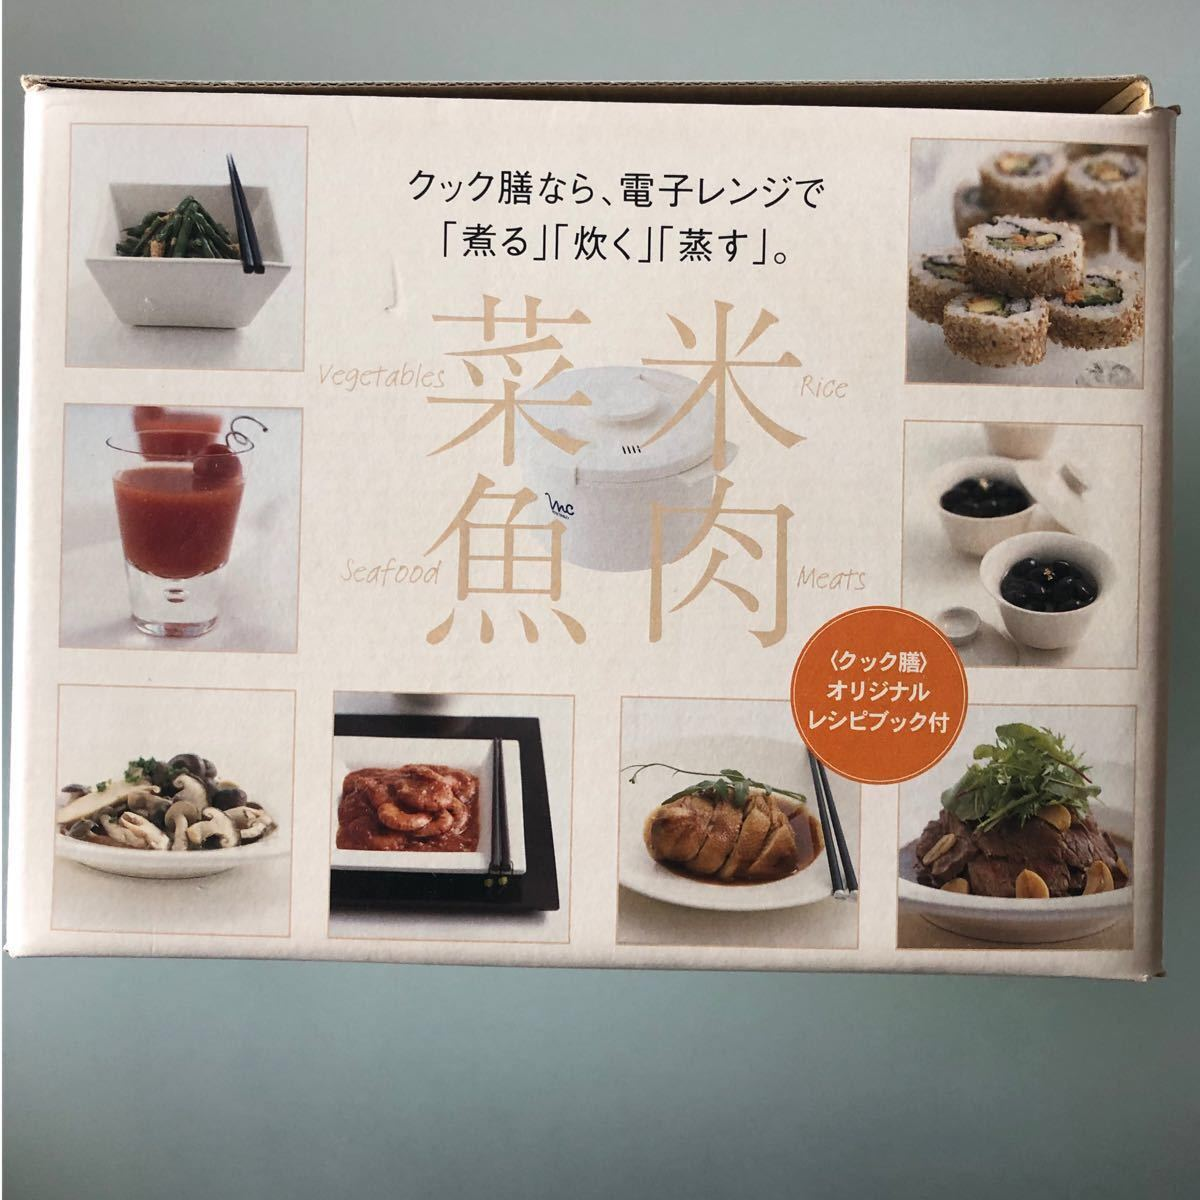 クック膳 レシピ付き 新品未使用